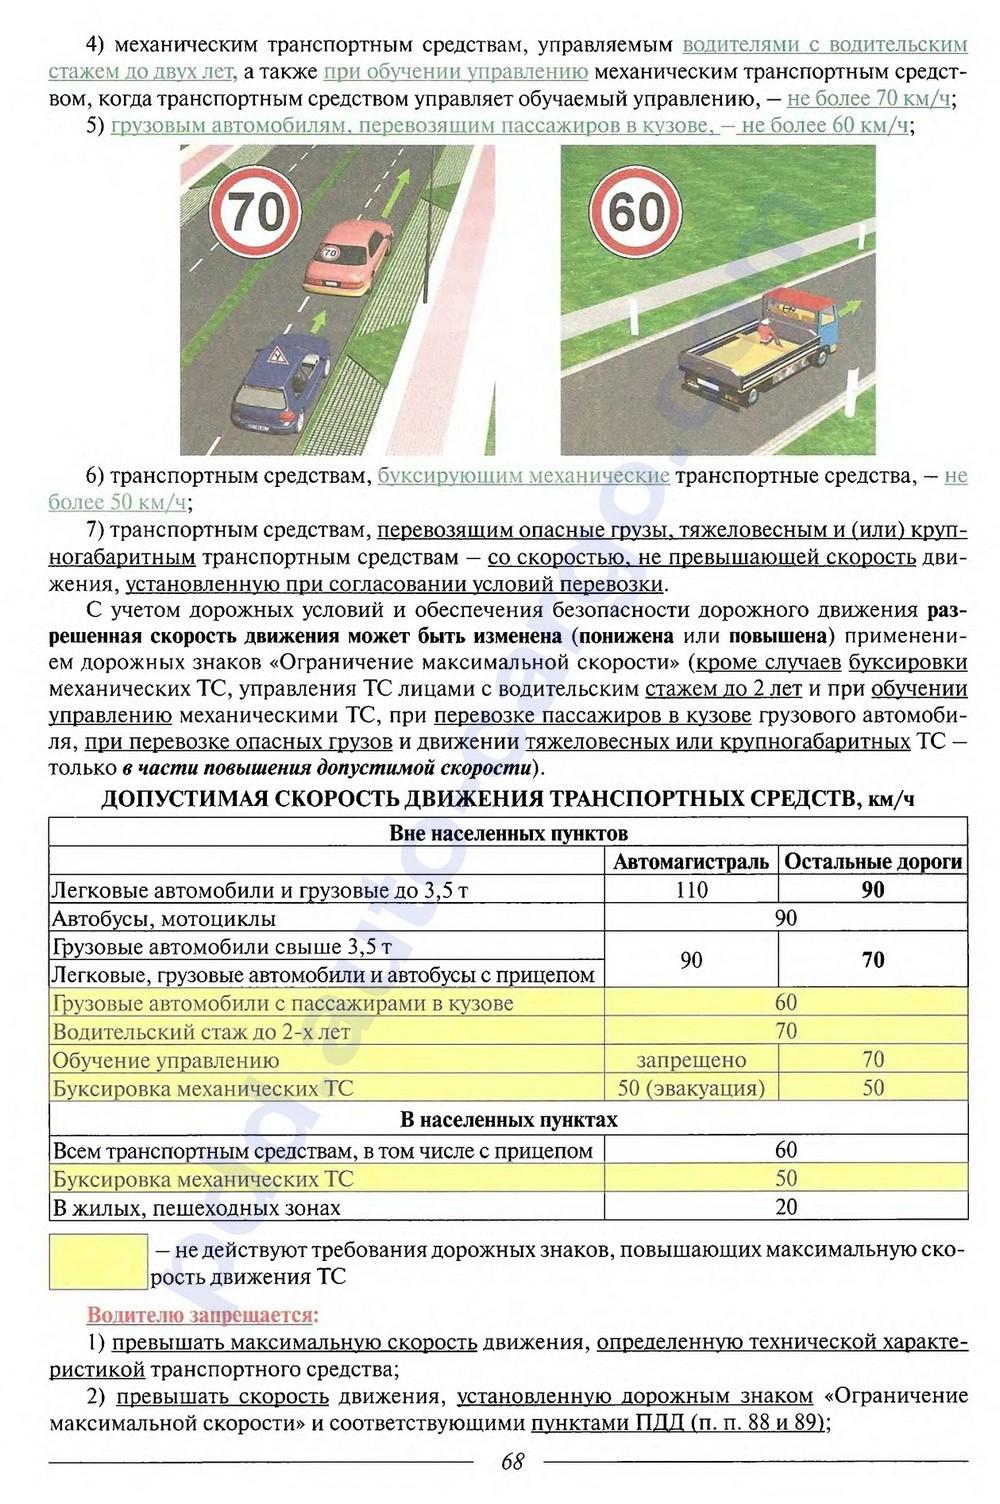 Казахстан 2016 пдд можно буксировать авто 136